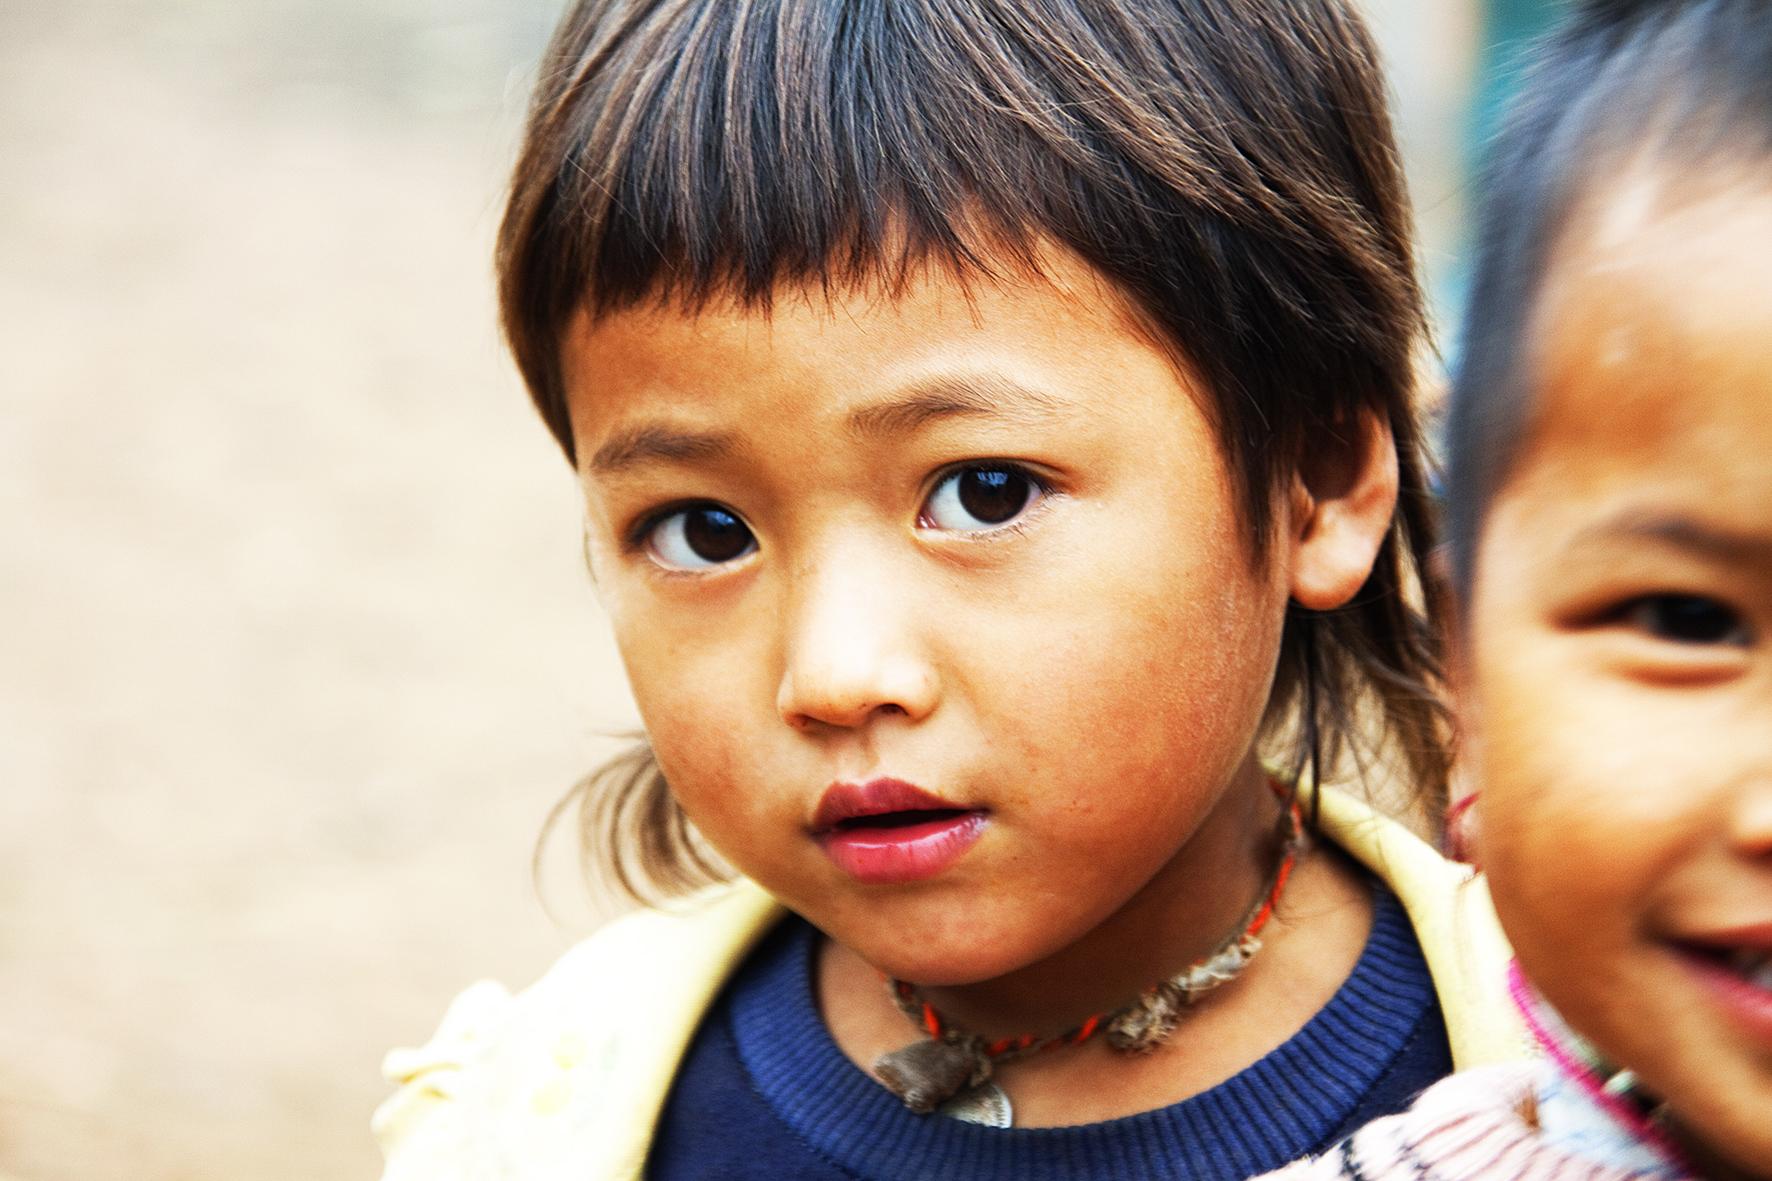 Laos. 2009